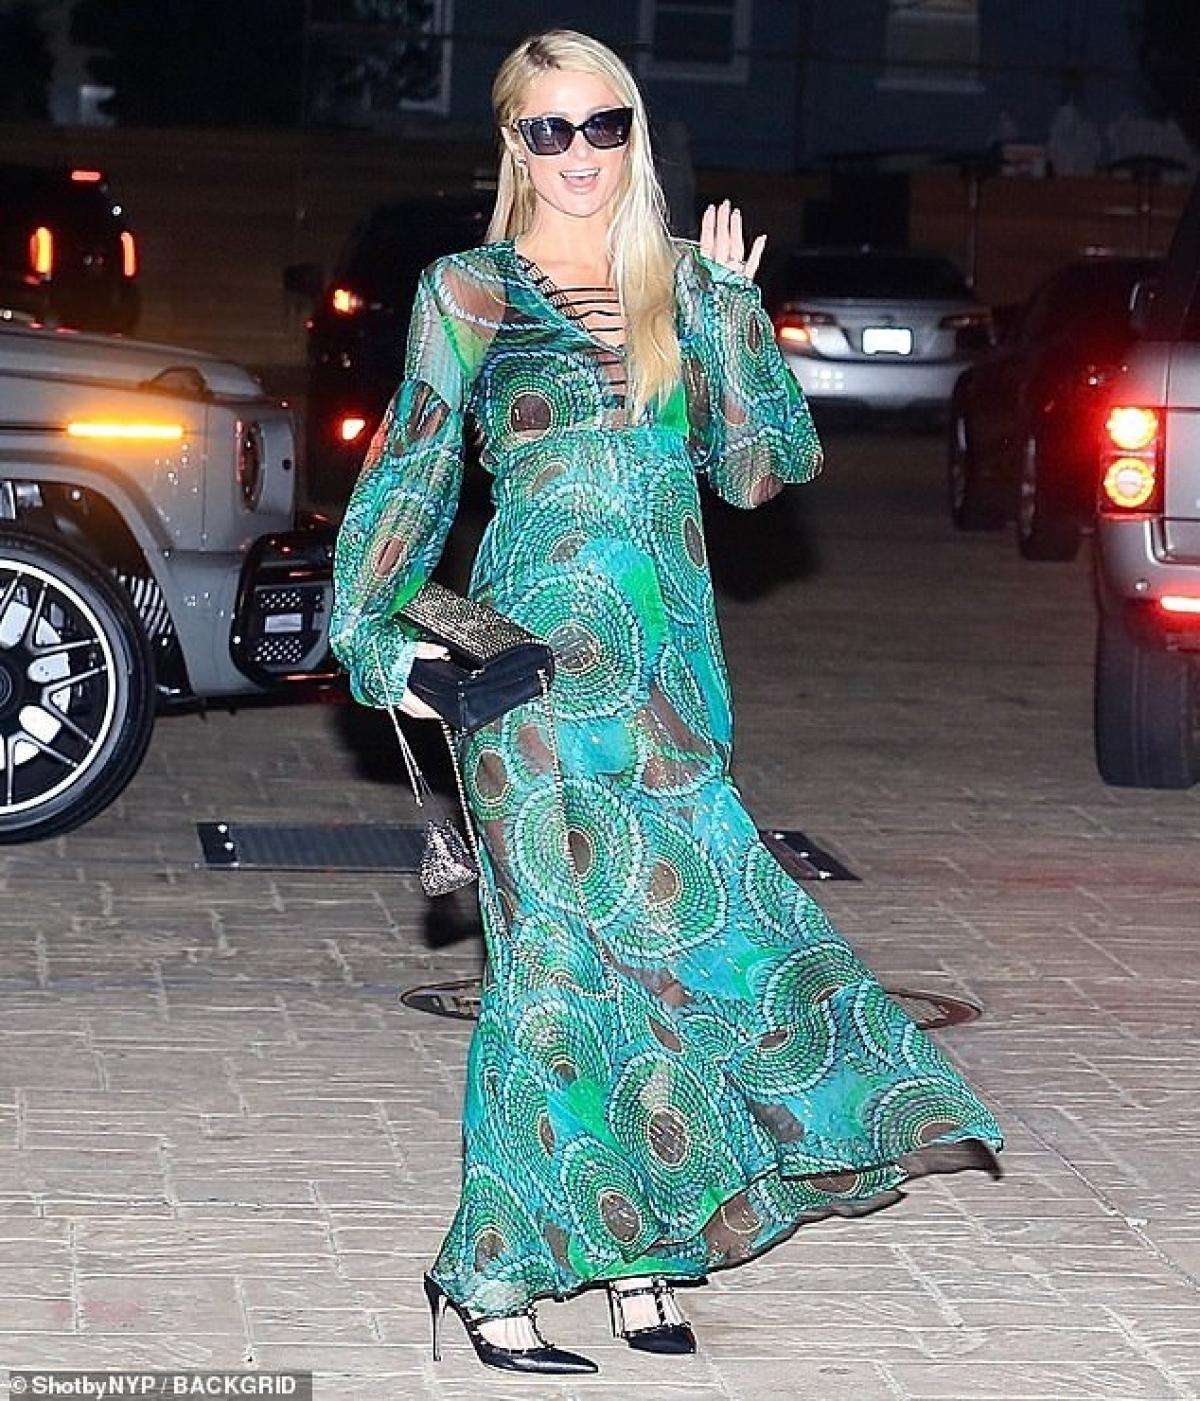 Em gái Paris Hilton thưởng thức cafe nóng hổi khi đi dạo phố Ảnh 6